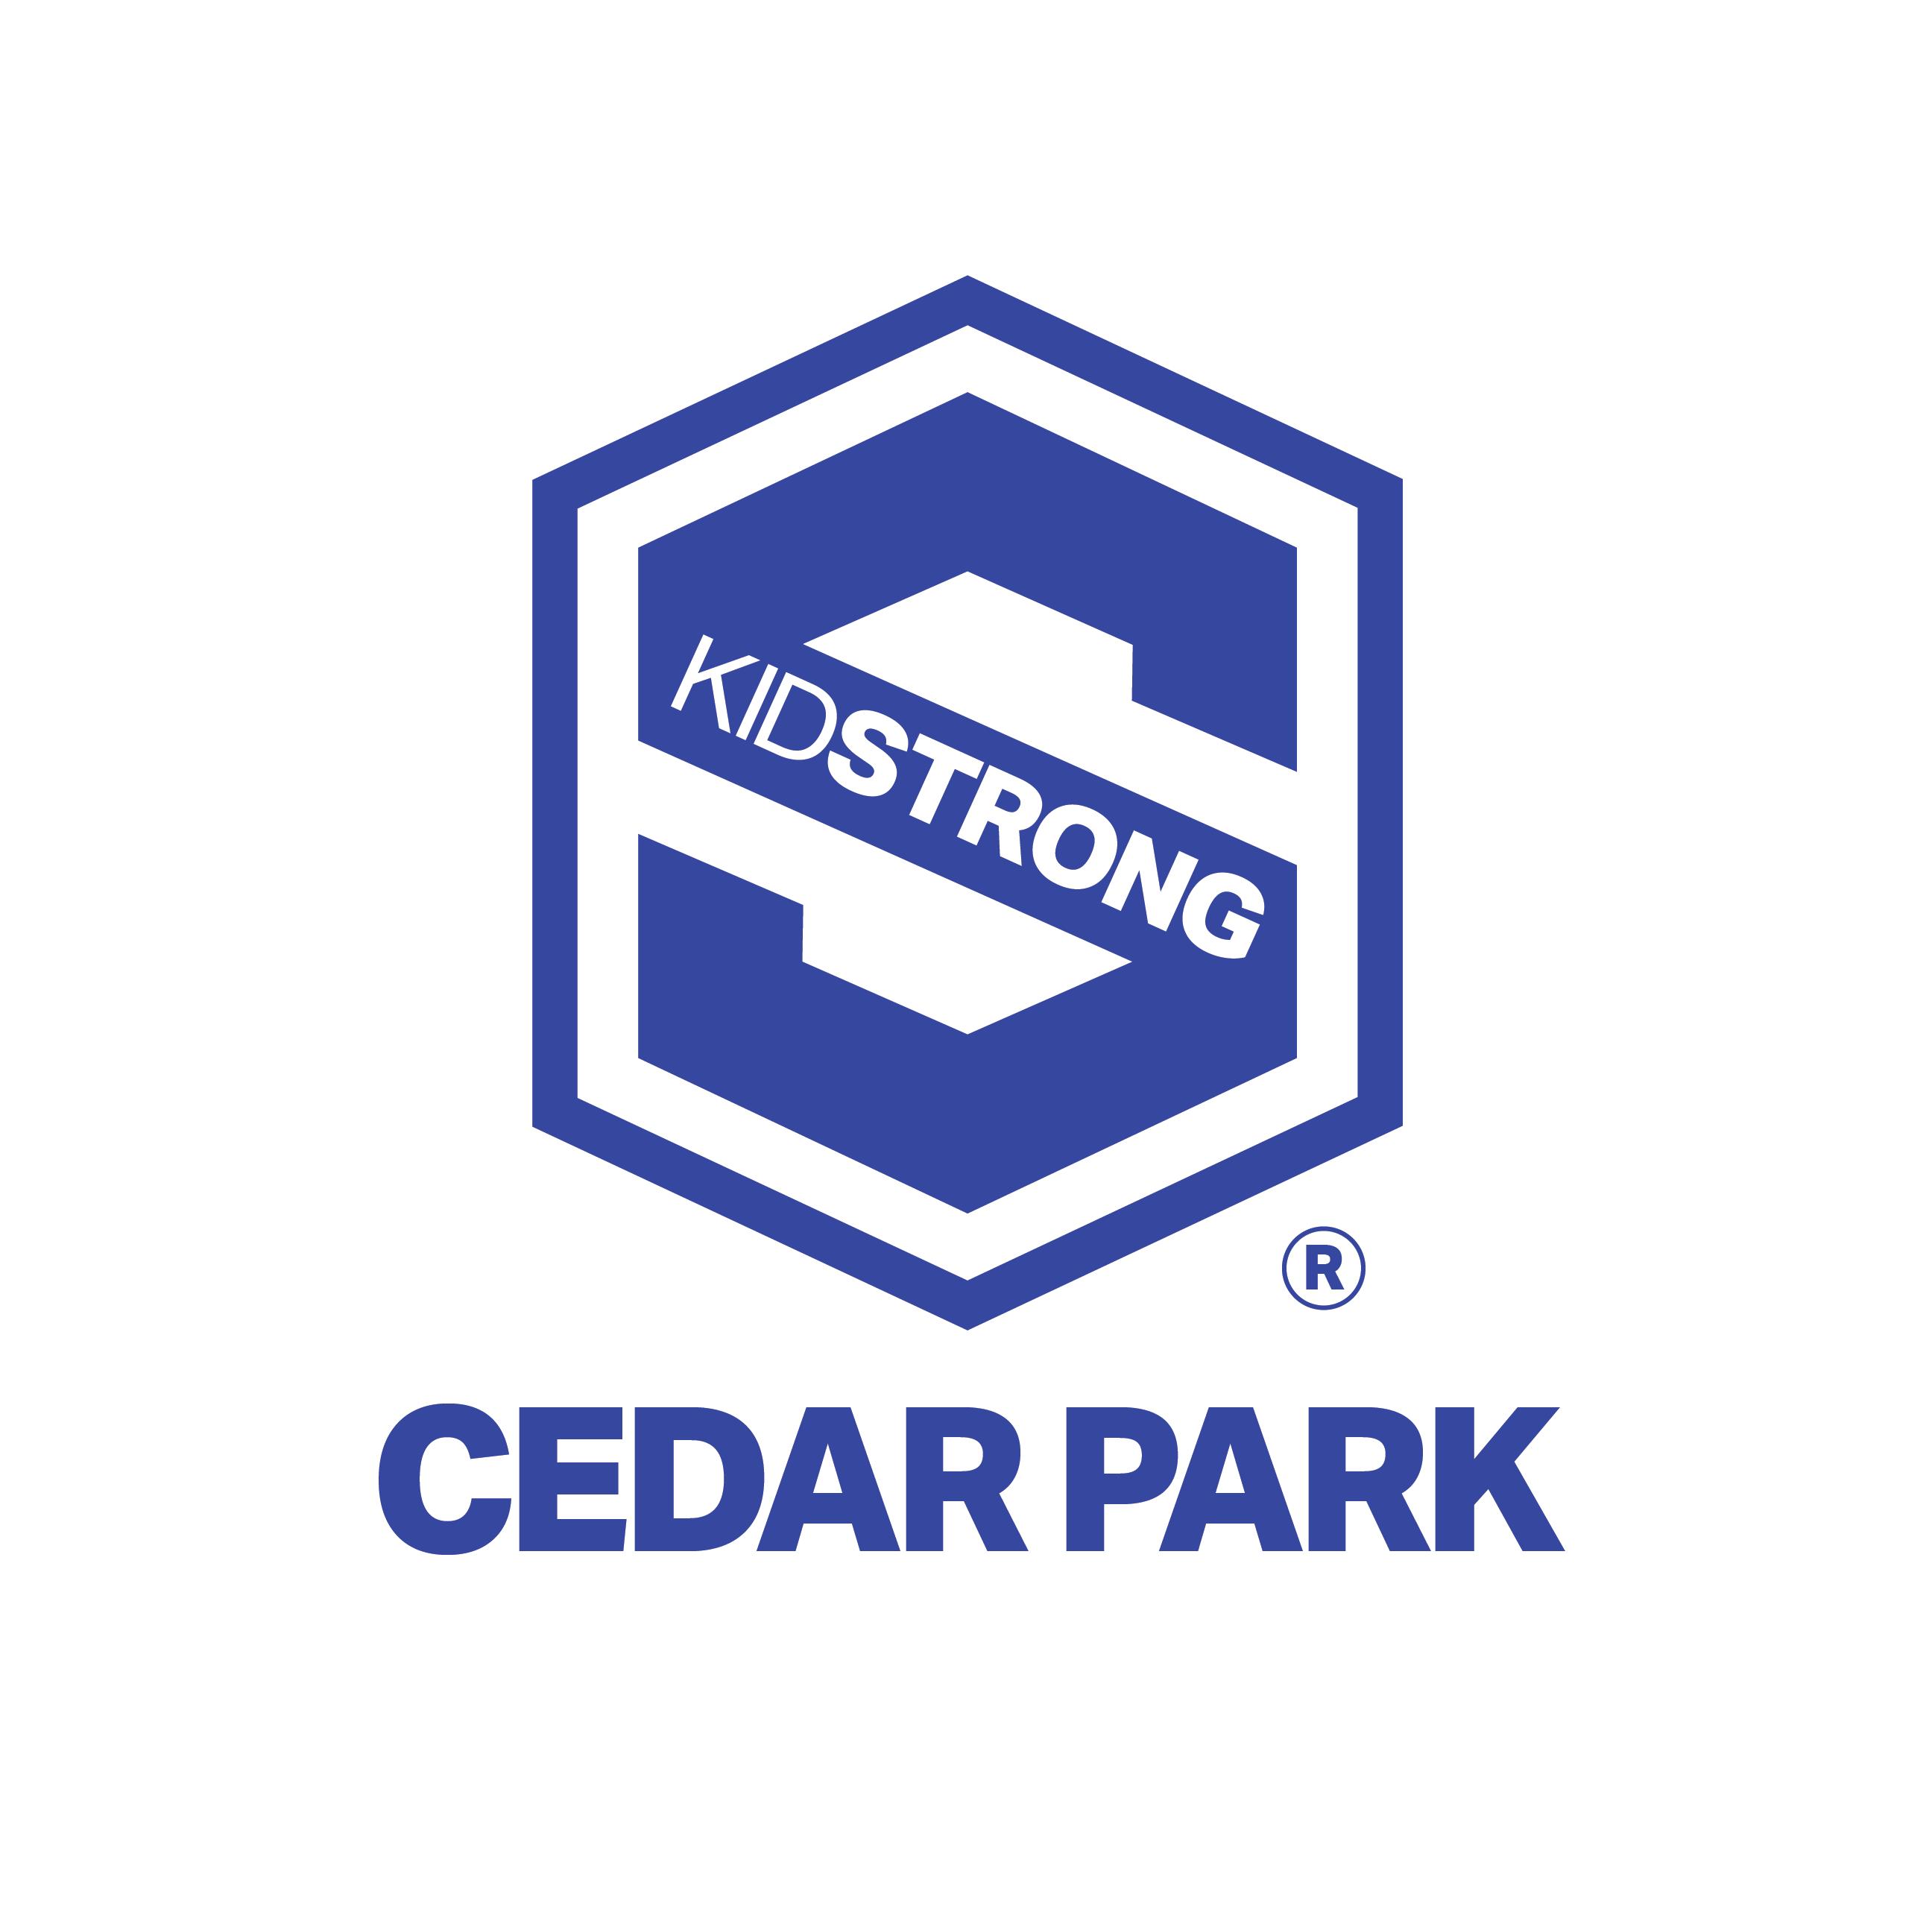 KidStrong Cedar Park